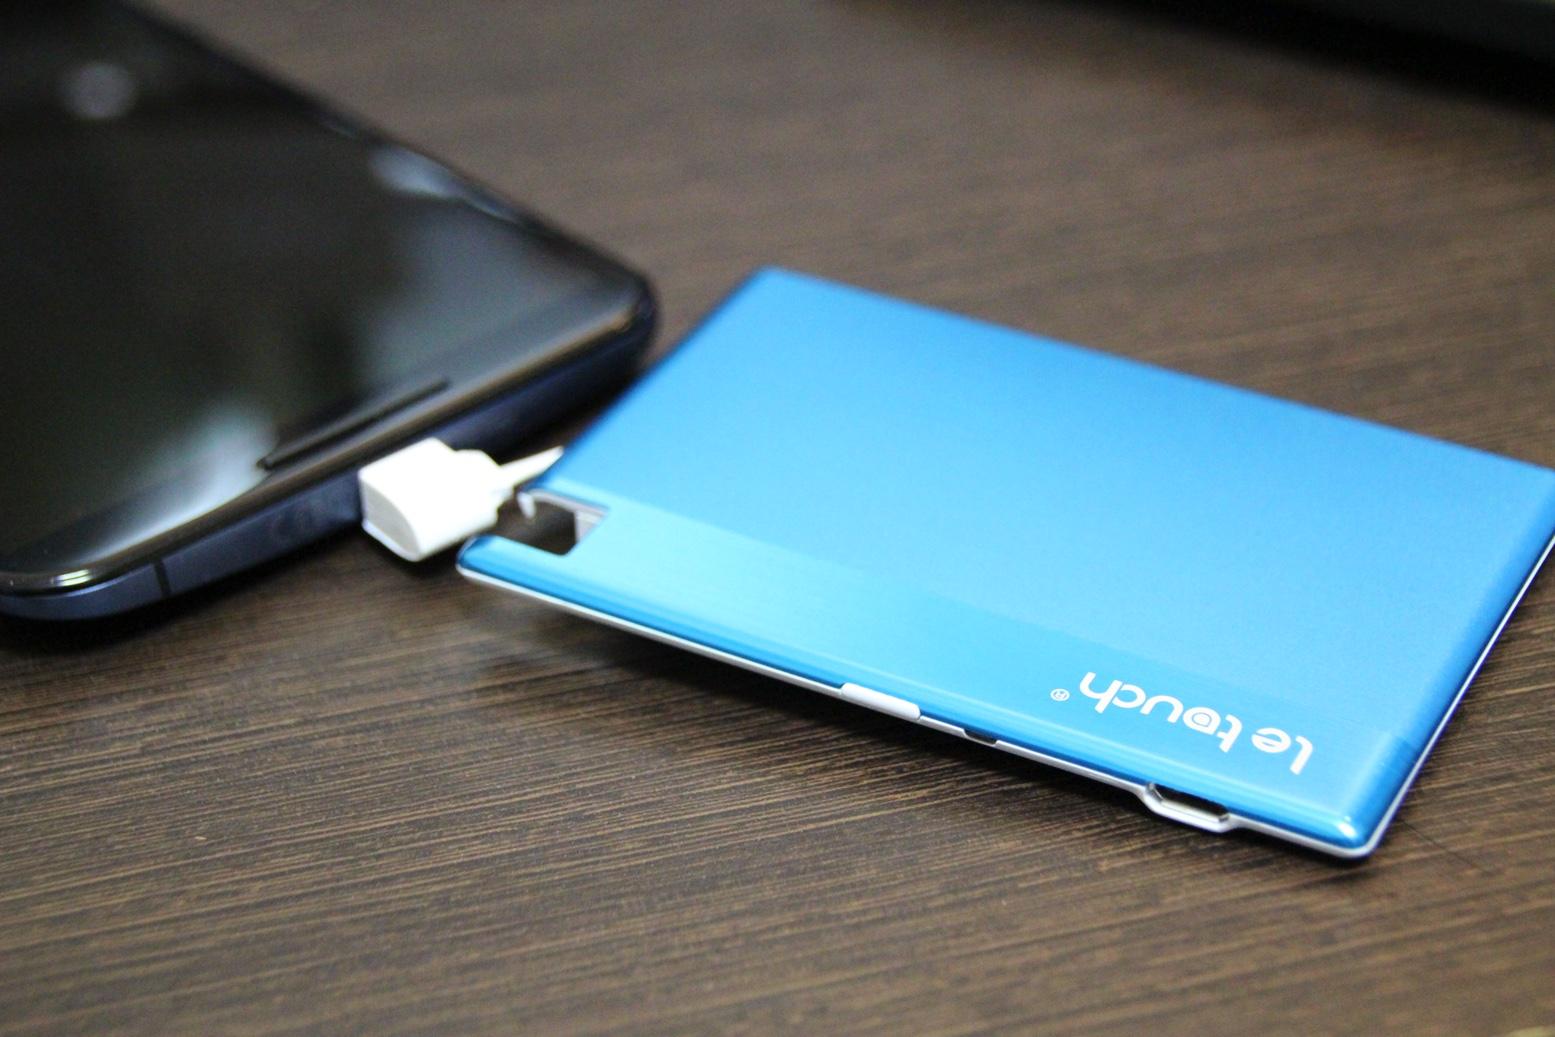 財布に入る超薄型カードサイズ『Letouch 1350mAhモバイルバッテリー』レビュー